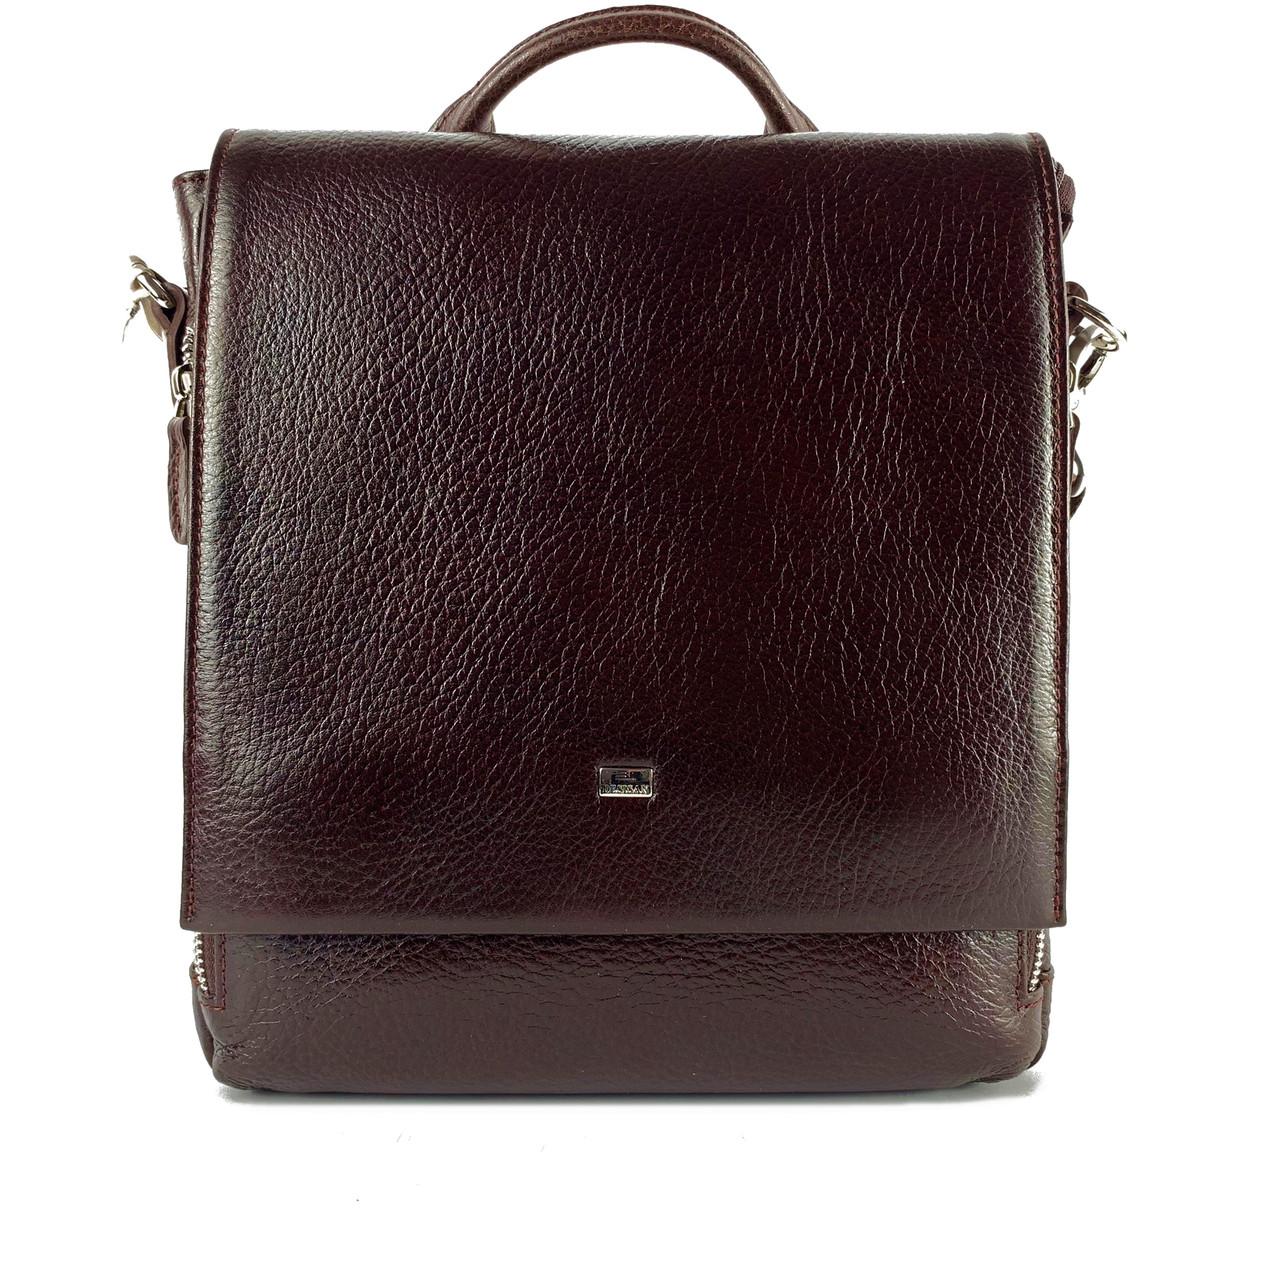 Чоловіча сумка через плече-шкіряна Desisan 344-019 месенджер кориневый